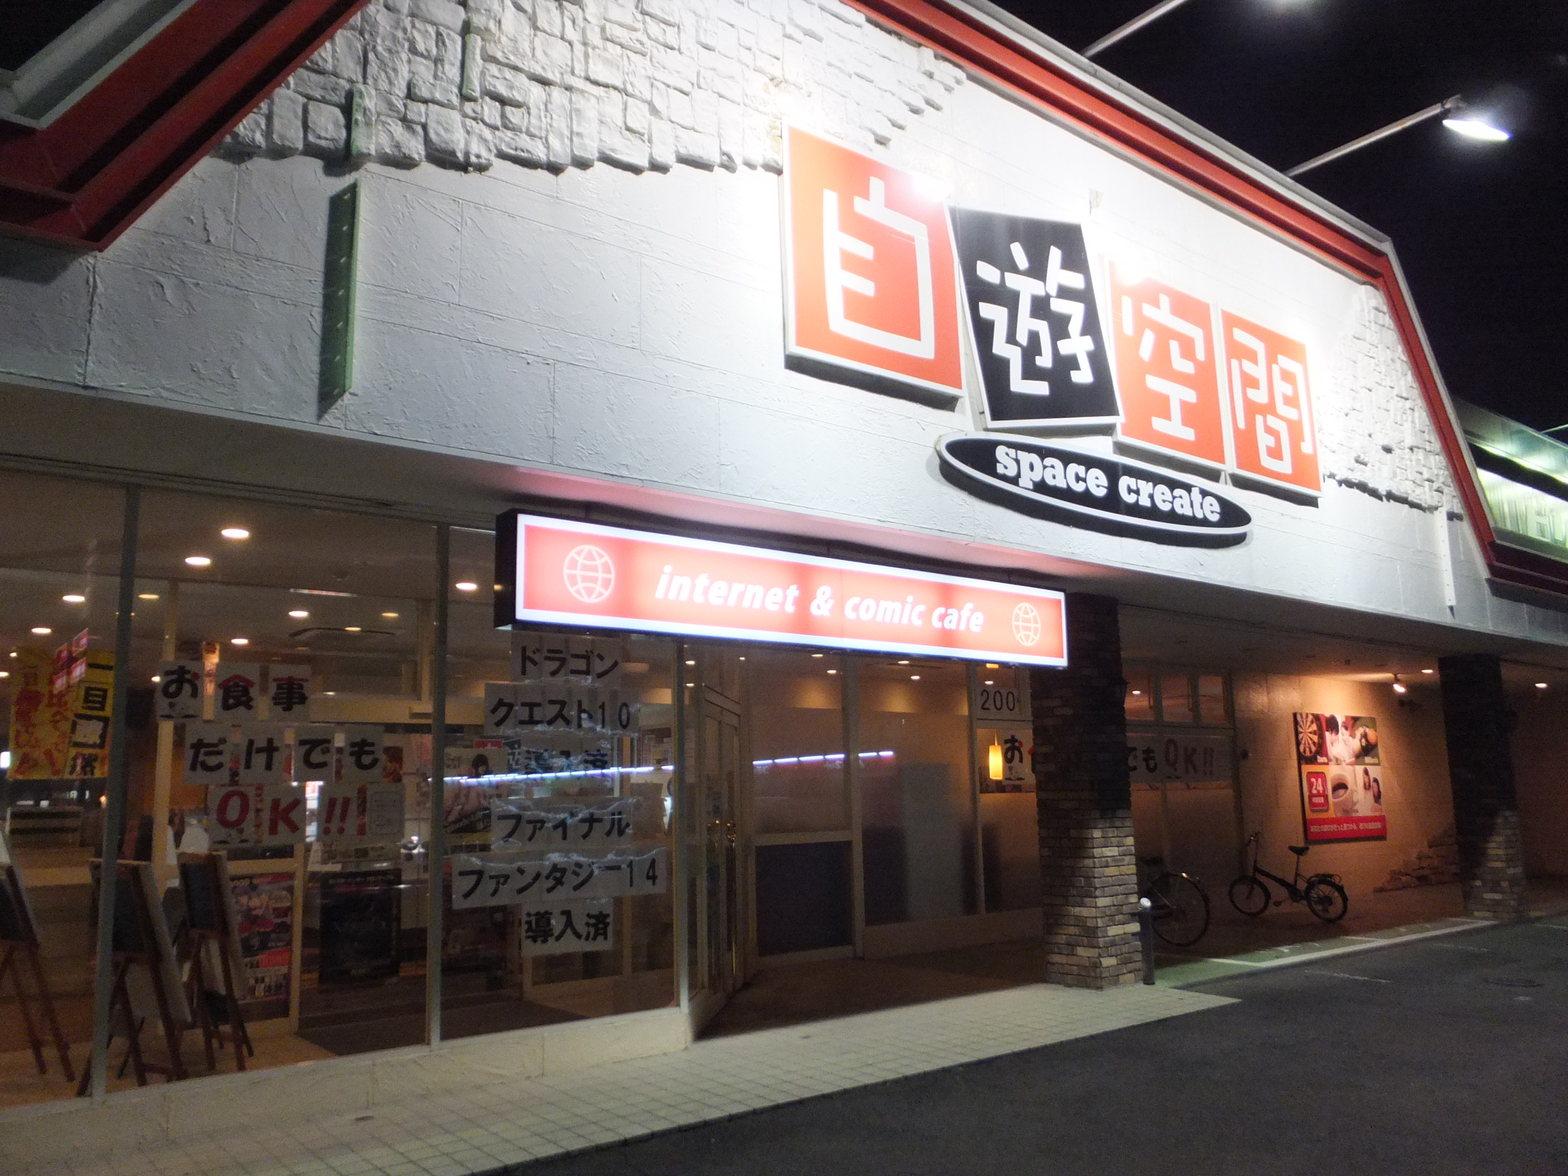 自遊空間 小山店 name=